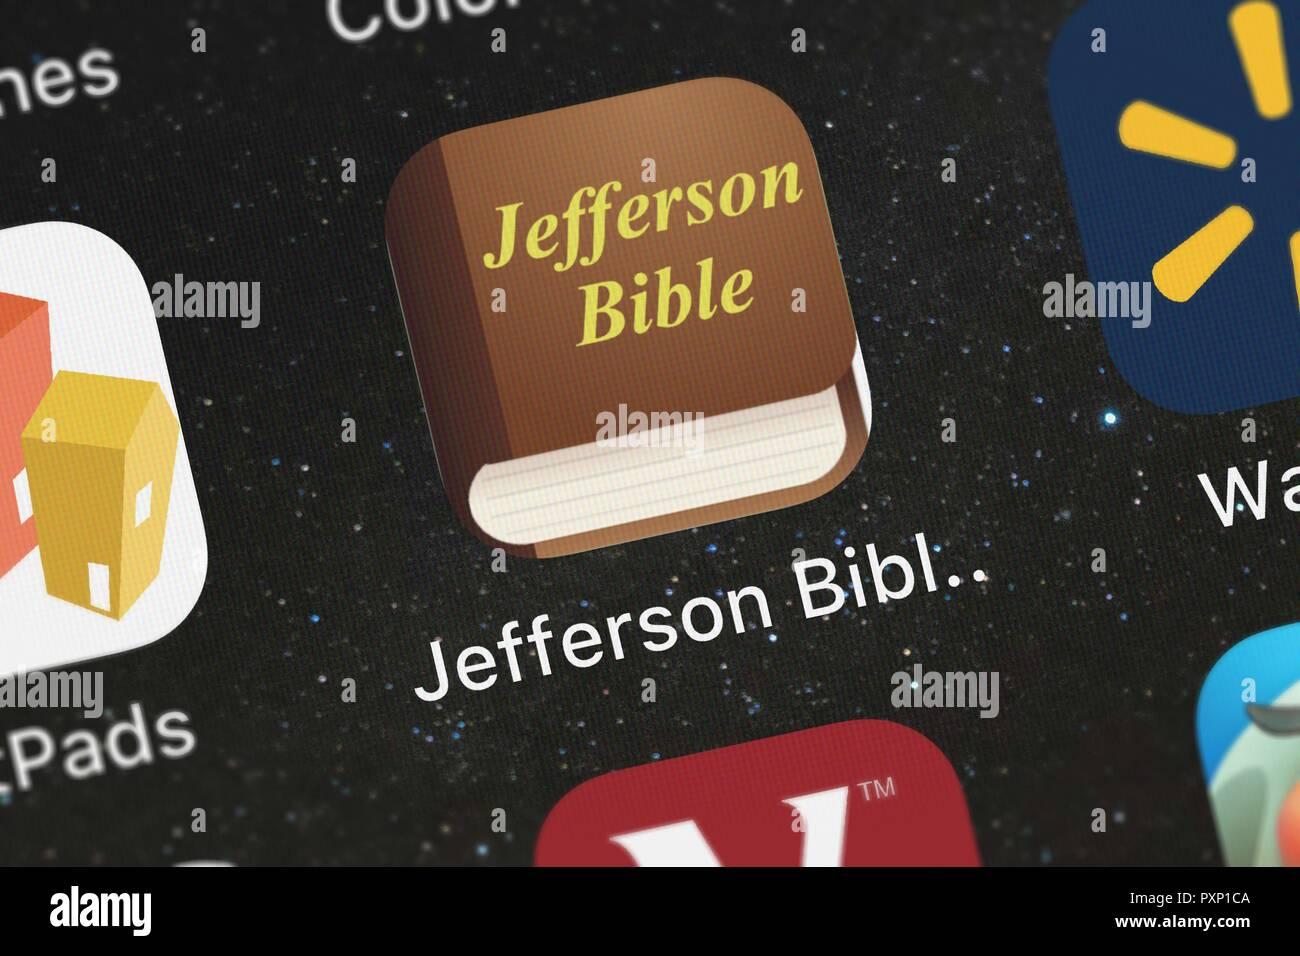 London, Regno Unito - 23 Ottobre 2018: Close-up shot del Jefferson Bibbia (la vita e i costumi di Gesù di Nazaret) mobile app da Oleg Shukal Immagini Stock